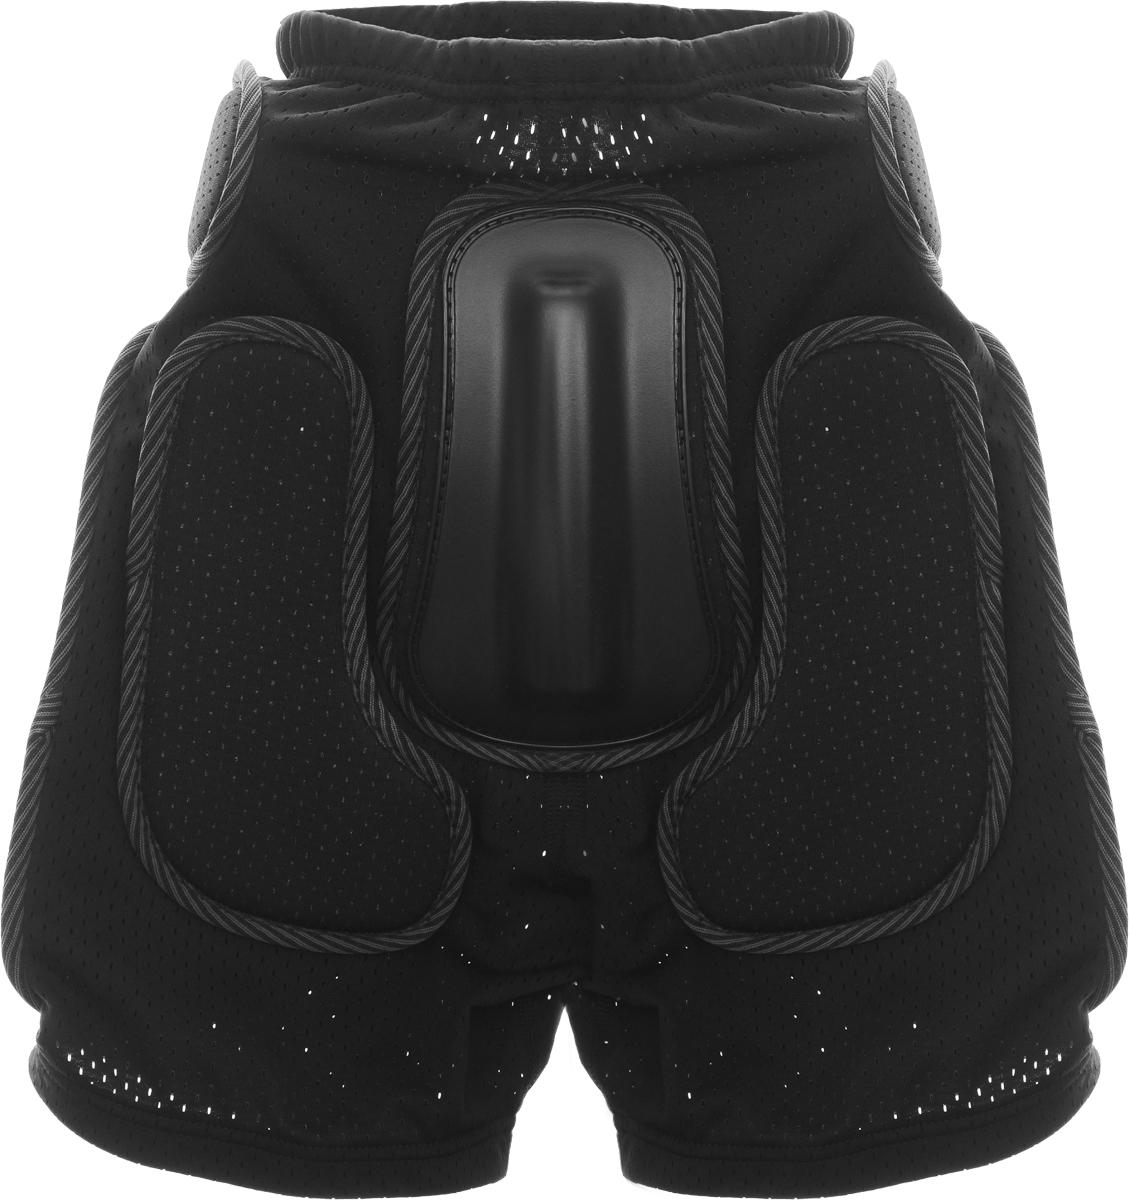 Шорты защитные Biont Комфорт, цвет: черный, размер M230_155Защитные шорты Biont Комфорт - это необходимая часть снаряжения сноубордистов, любителей экстремального катания на роликах, байкеров, фанатов зимнего кайтинга. Шорты изготовлены из мягкой эластичной потовыводящей сетки с хорошей воздухопроницаемостью под накладками без остаточной деформации.Для обеспечения улучшенной вентиляции в шортах используется дышащая сетка спейсер. Комфортные защитные шорты Biont Комфорт идеальный выбор для любителей экстремального спорта. Толщина пластиковых накладок: 8-12 мм.